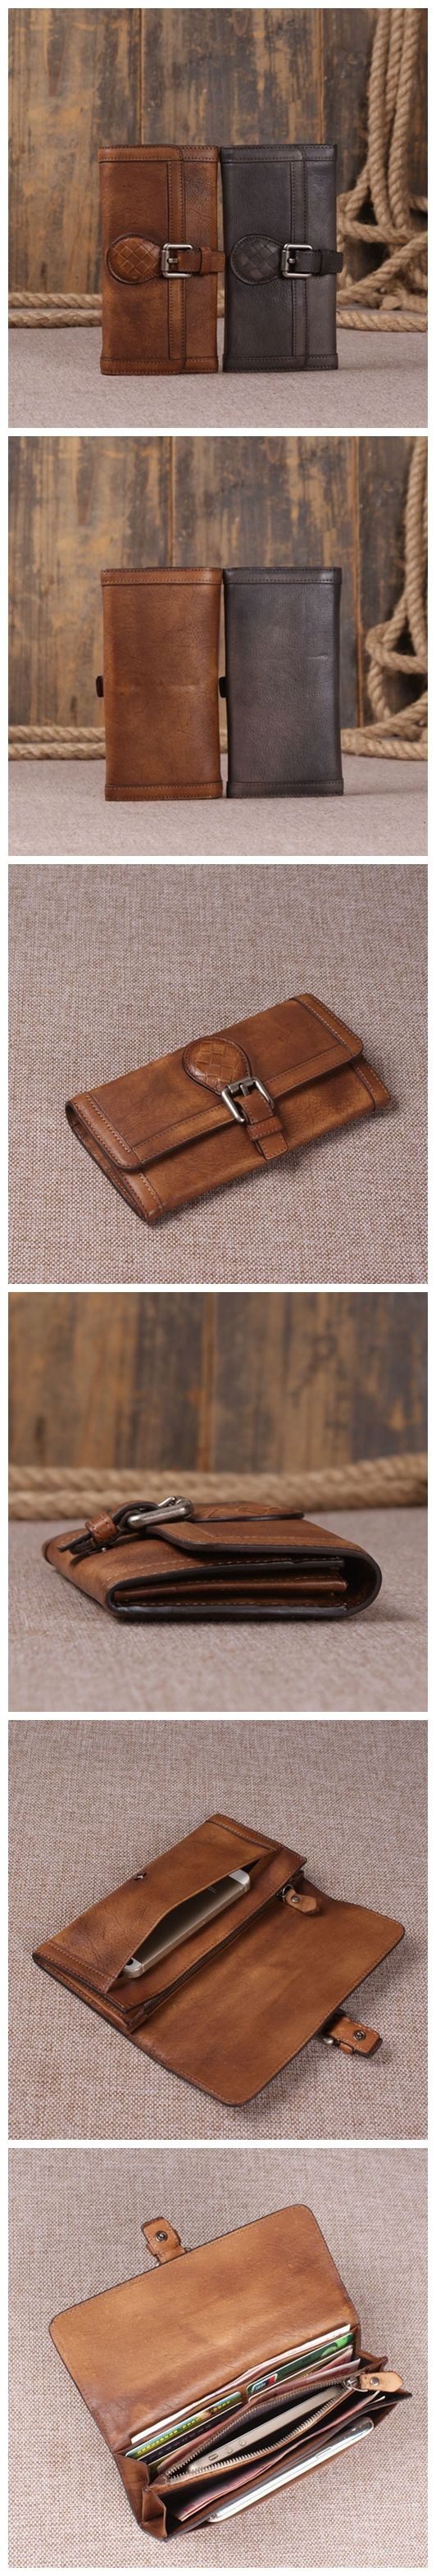 Portefeuille en cuir véritable au look rétro vintage, portefeuille long pour homme sac à main en cuir …   – Çantalar